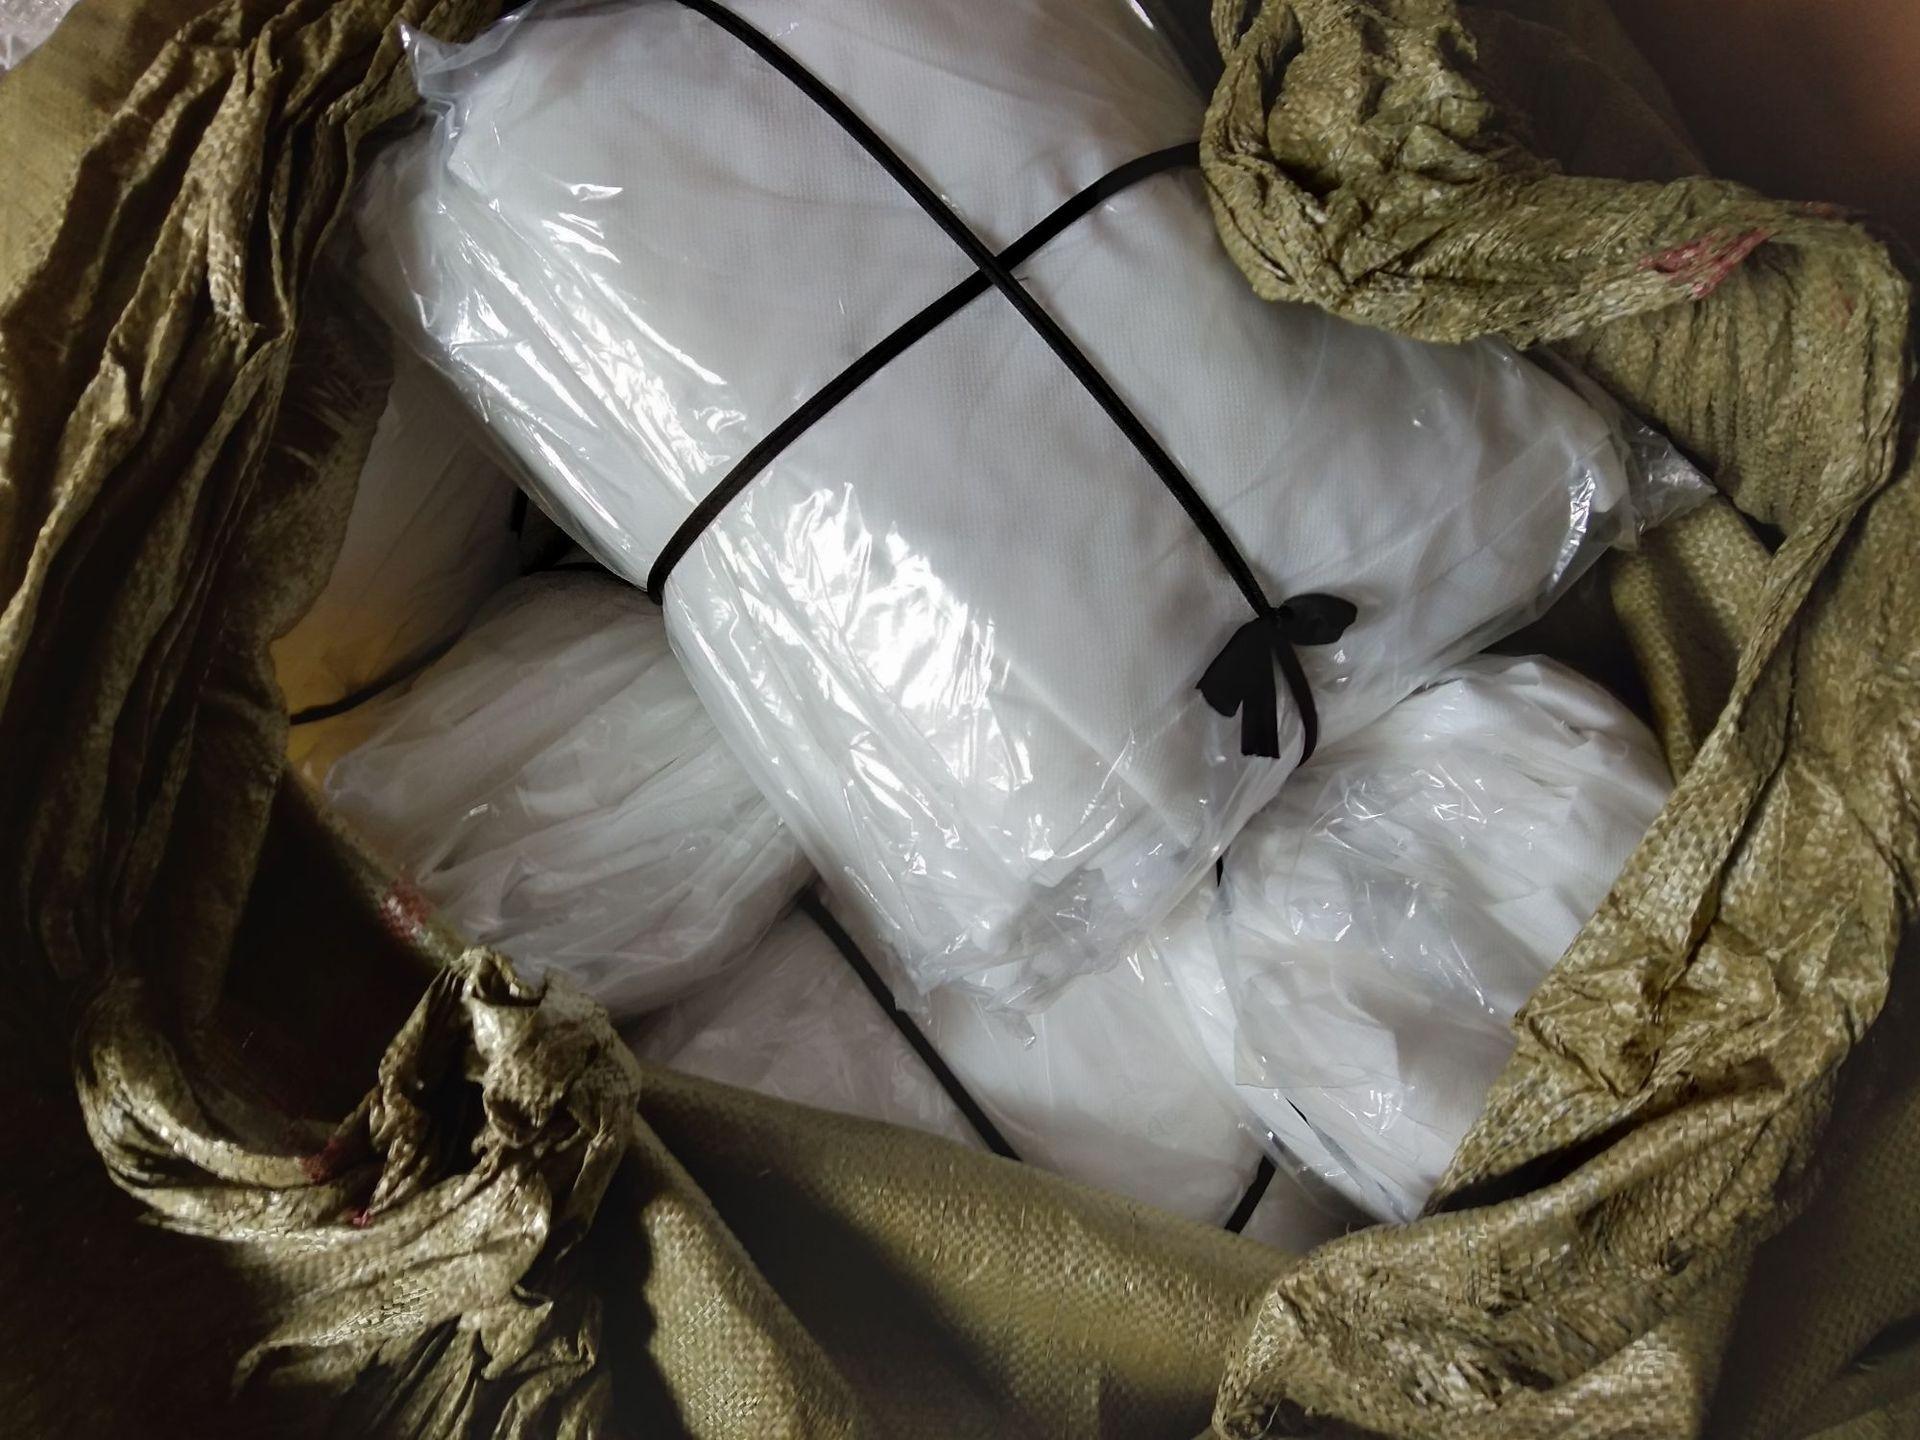 zashhitnyj kostjum medicinskaja zashhitnaja odezhda antivir 05 3 - Защитный костюм (медицинская защитная одежда) AntiVir - (маска в комплект не входит)